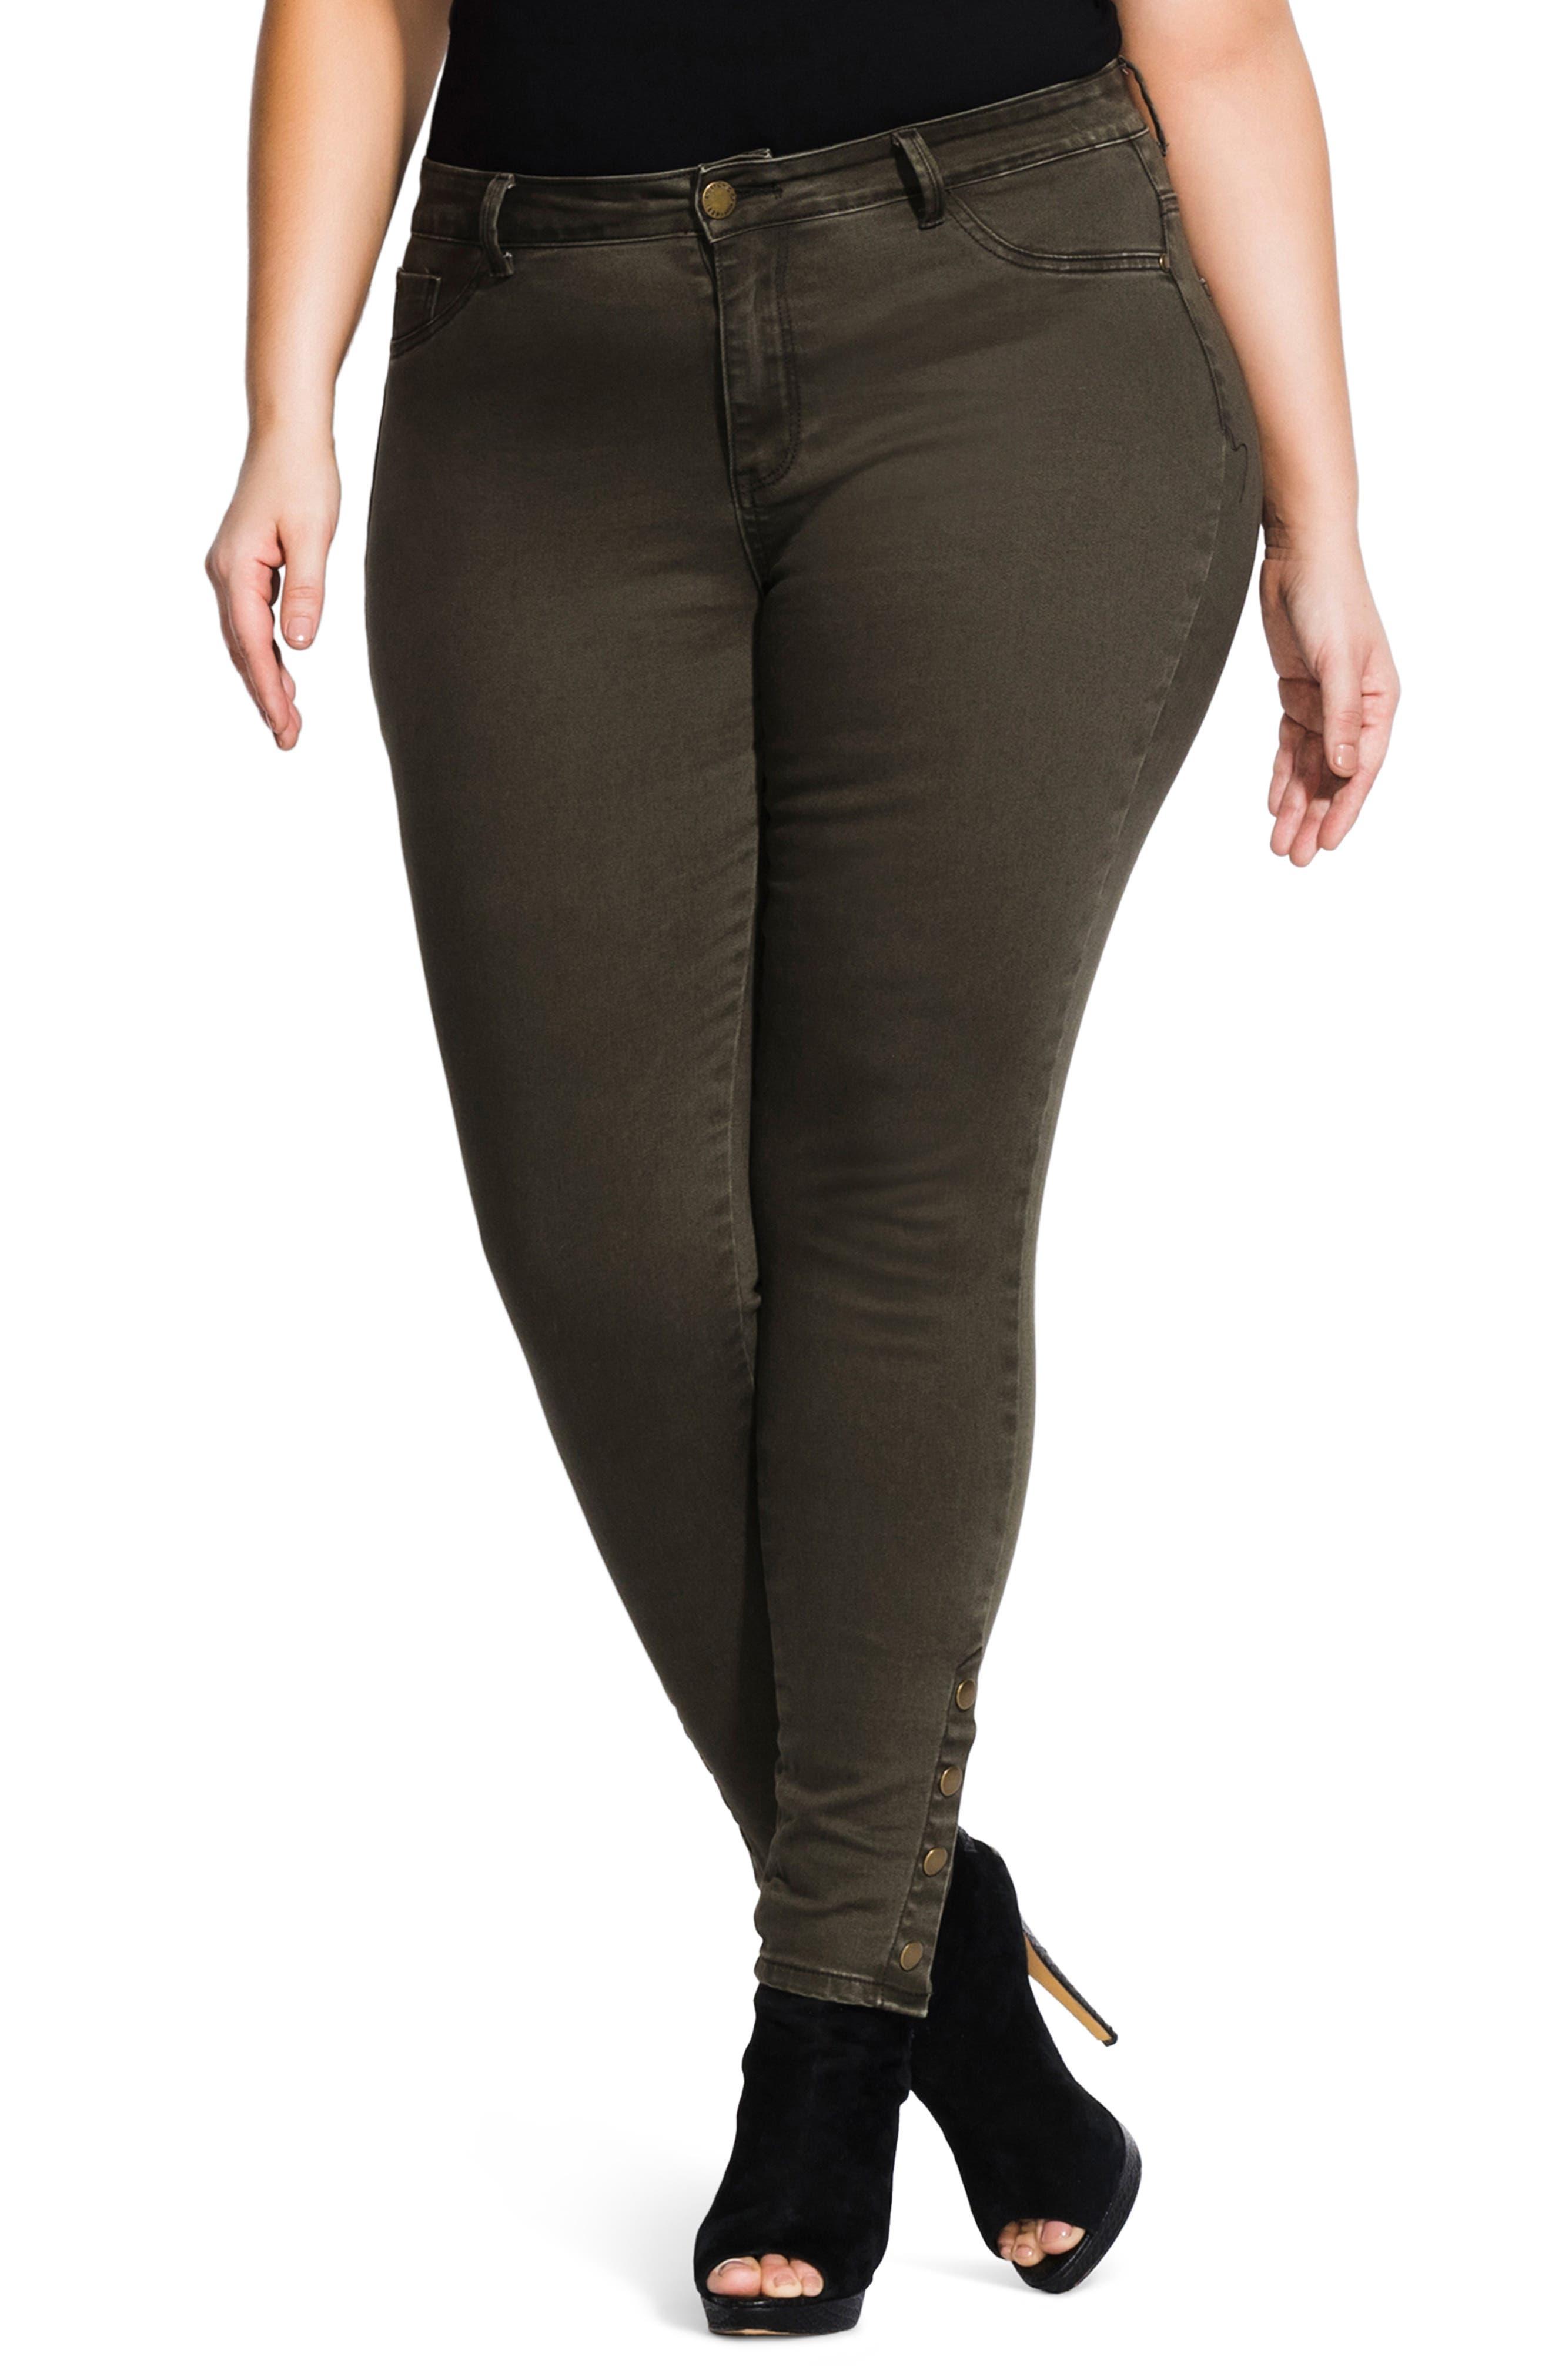 Plus Women's City Chic Button Me Up Jeans